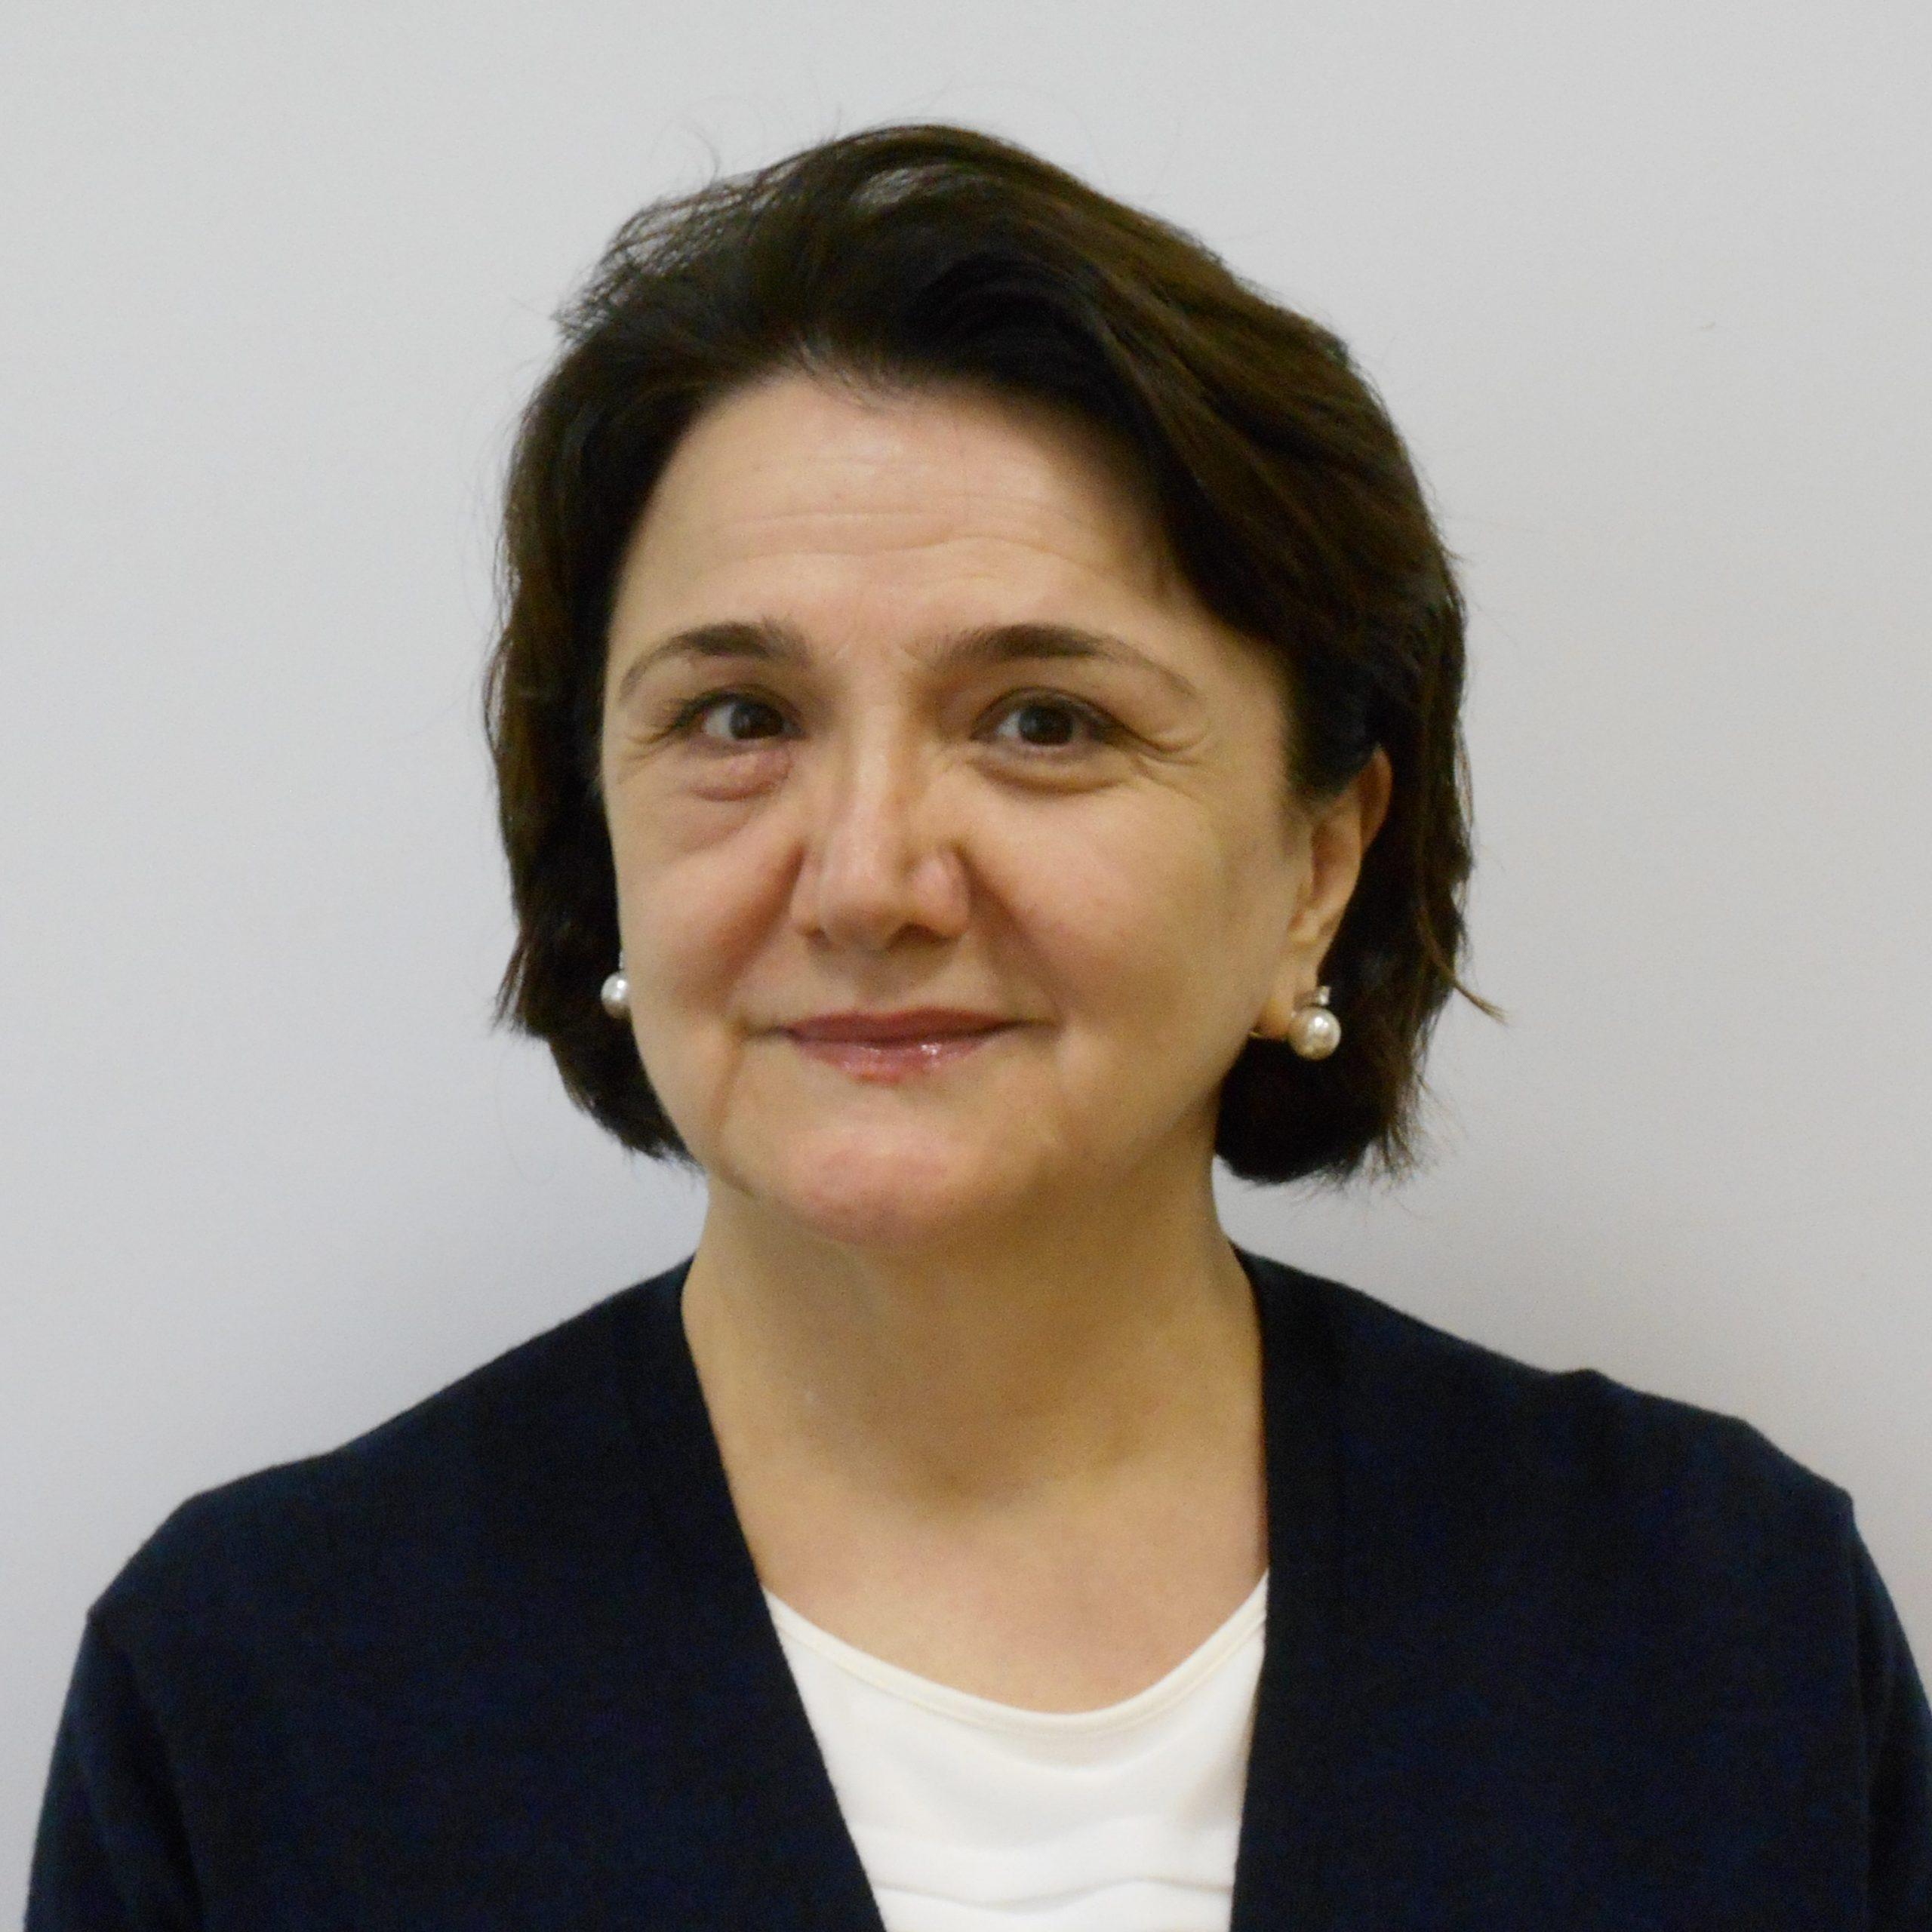 Aishat Shakhmanova